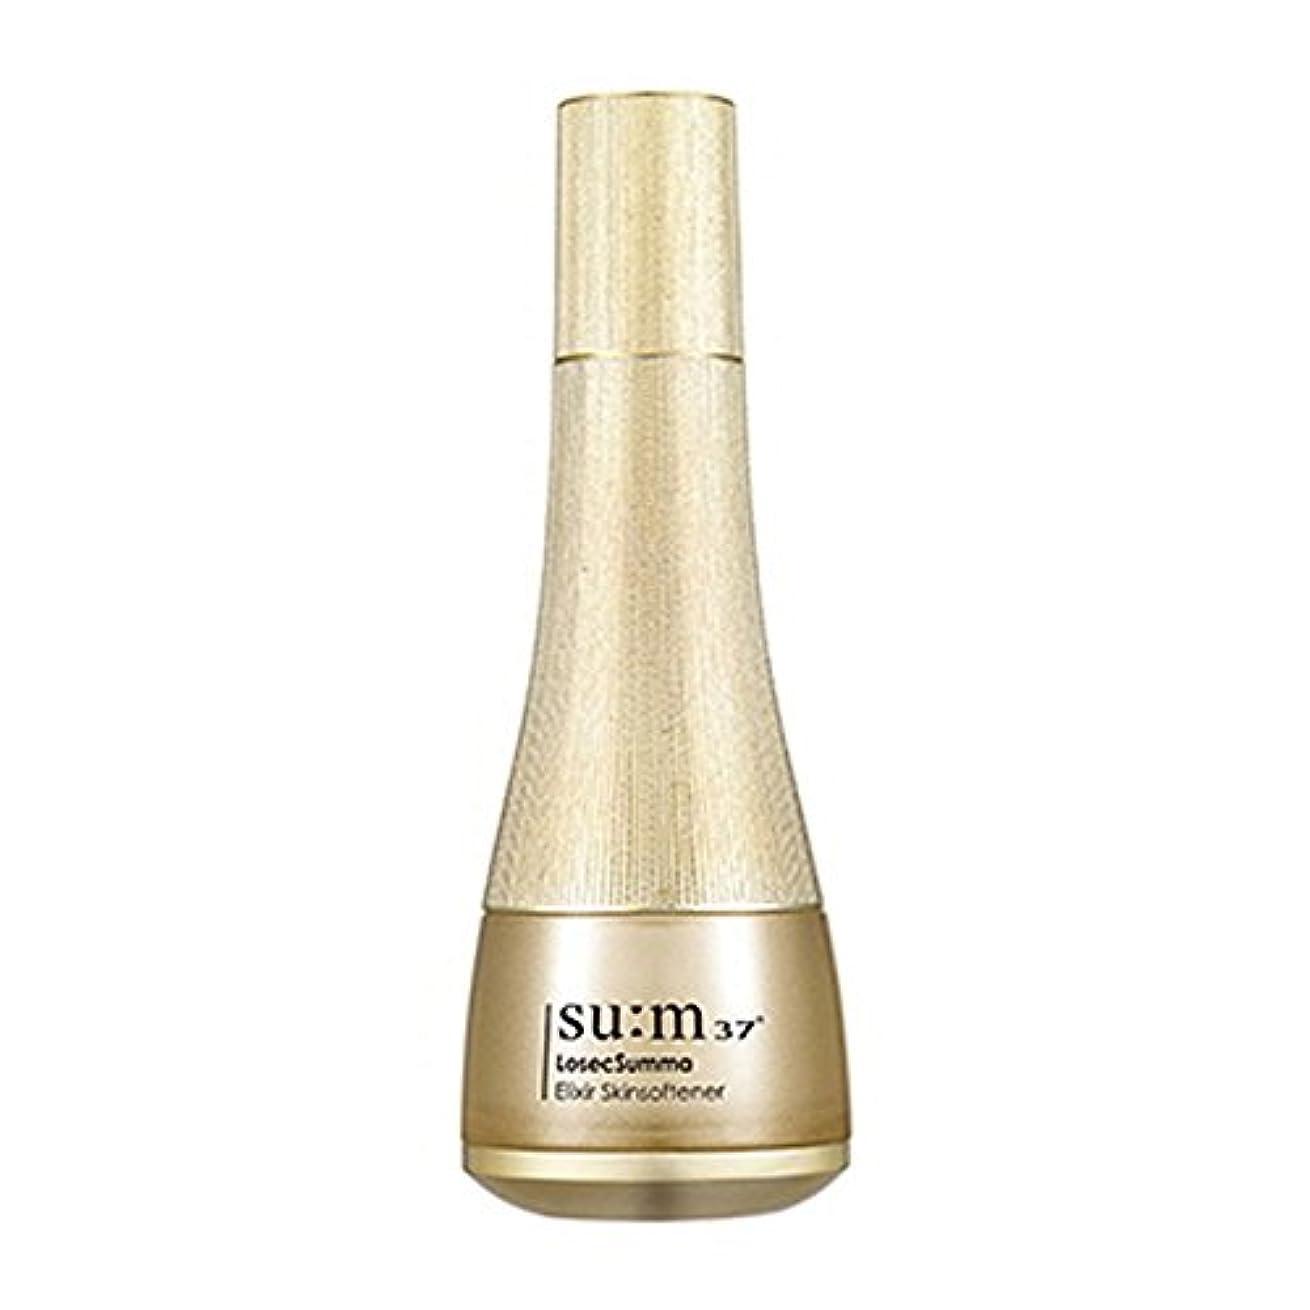 遠征予想外ソビエト[スム37º] Sum37º ロッシク スムマ エリクサー スキンソフナー  LosecSumma Elixir Skinsoftner (海外直送品) [並行輸入品]